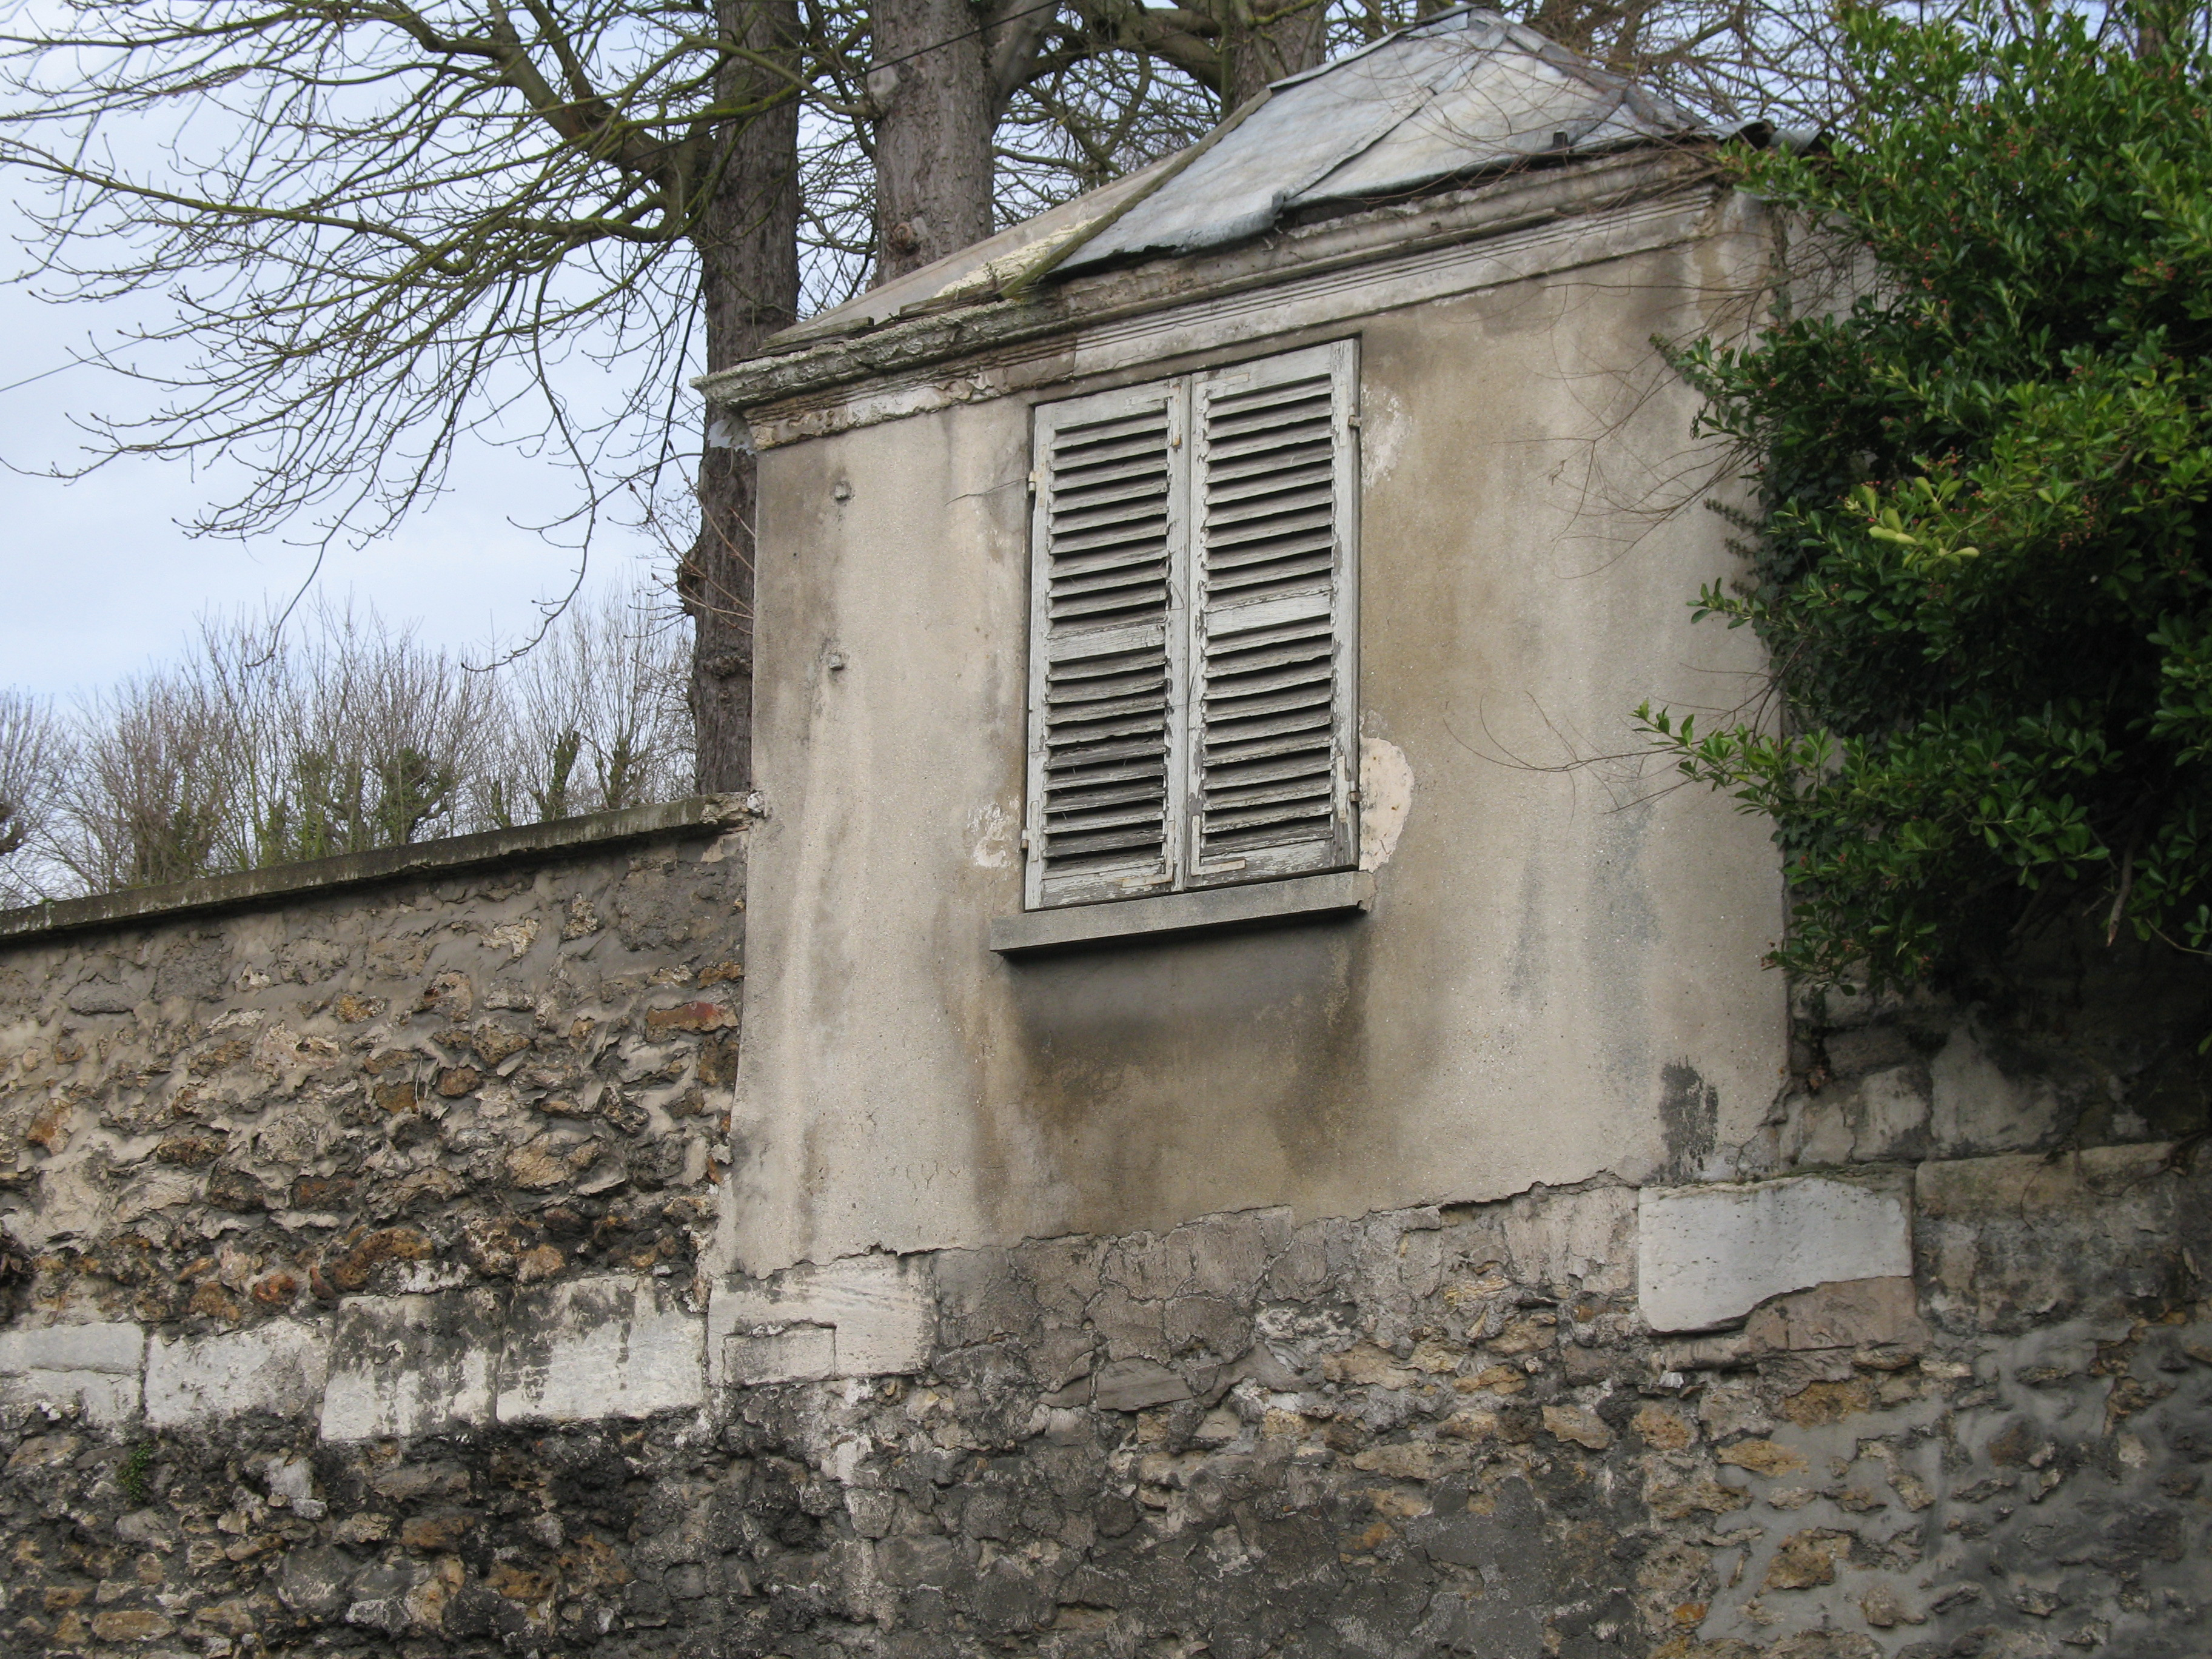 Triel Sur Seine Fr file:parc municipal triel-sur-seine 4 - wikimedia commons